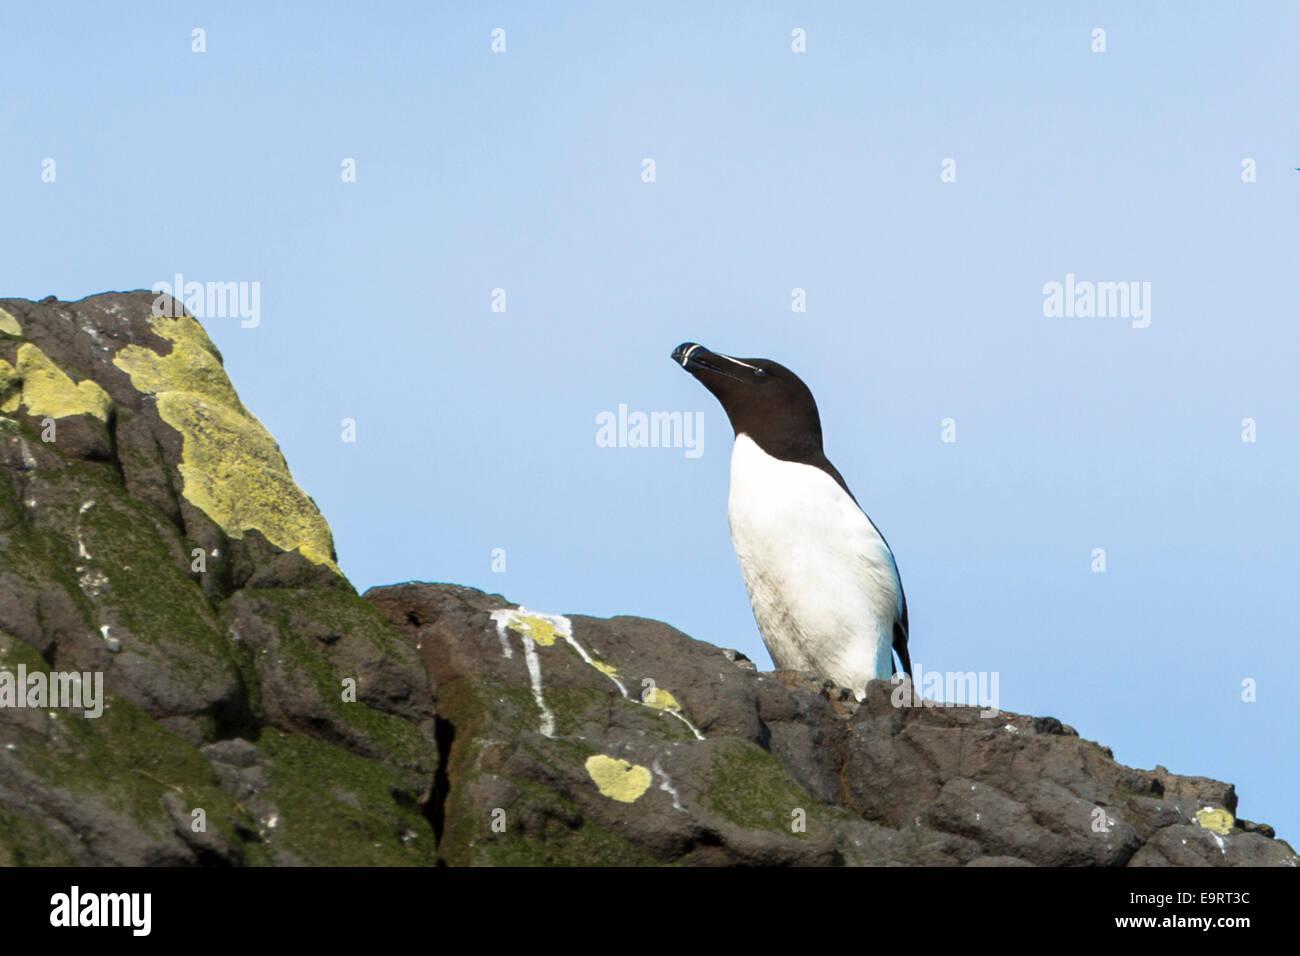 Razorbill seabird, Alca torda, coastal bird with razor beak on rocks on Isle of Canna part of the Inner Hebrides - Stock Image